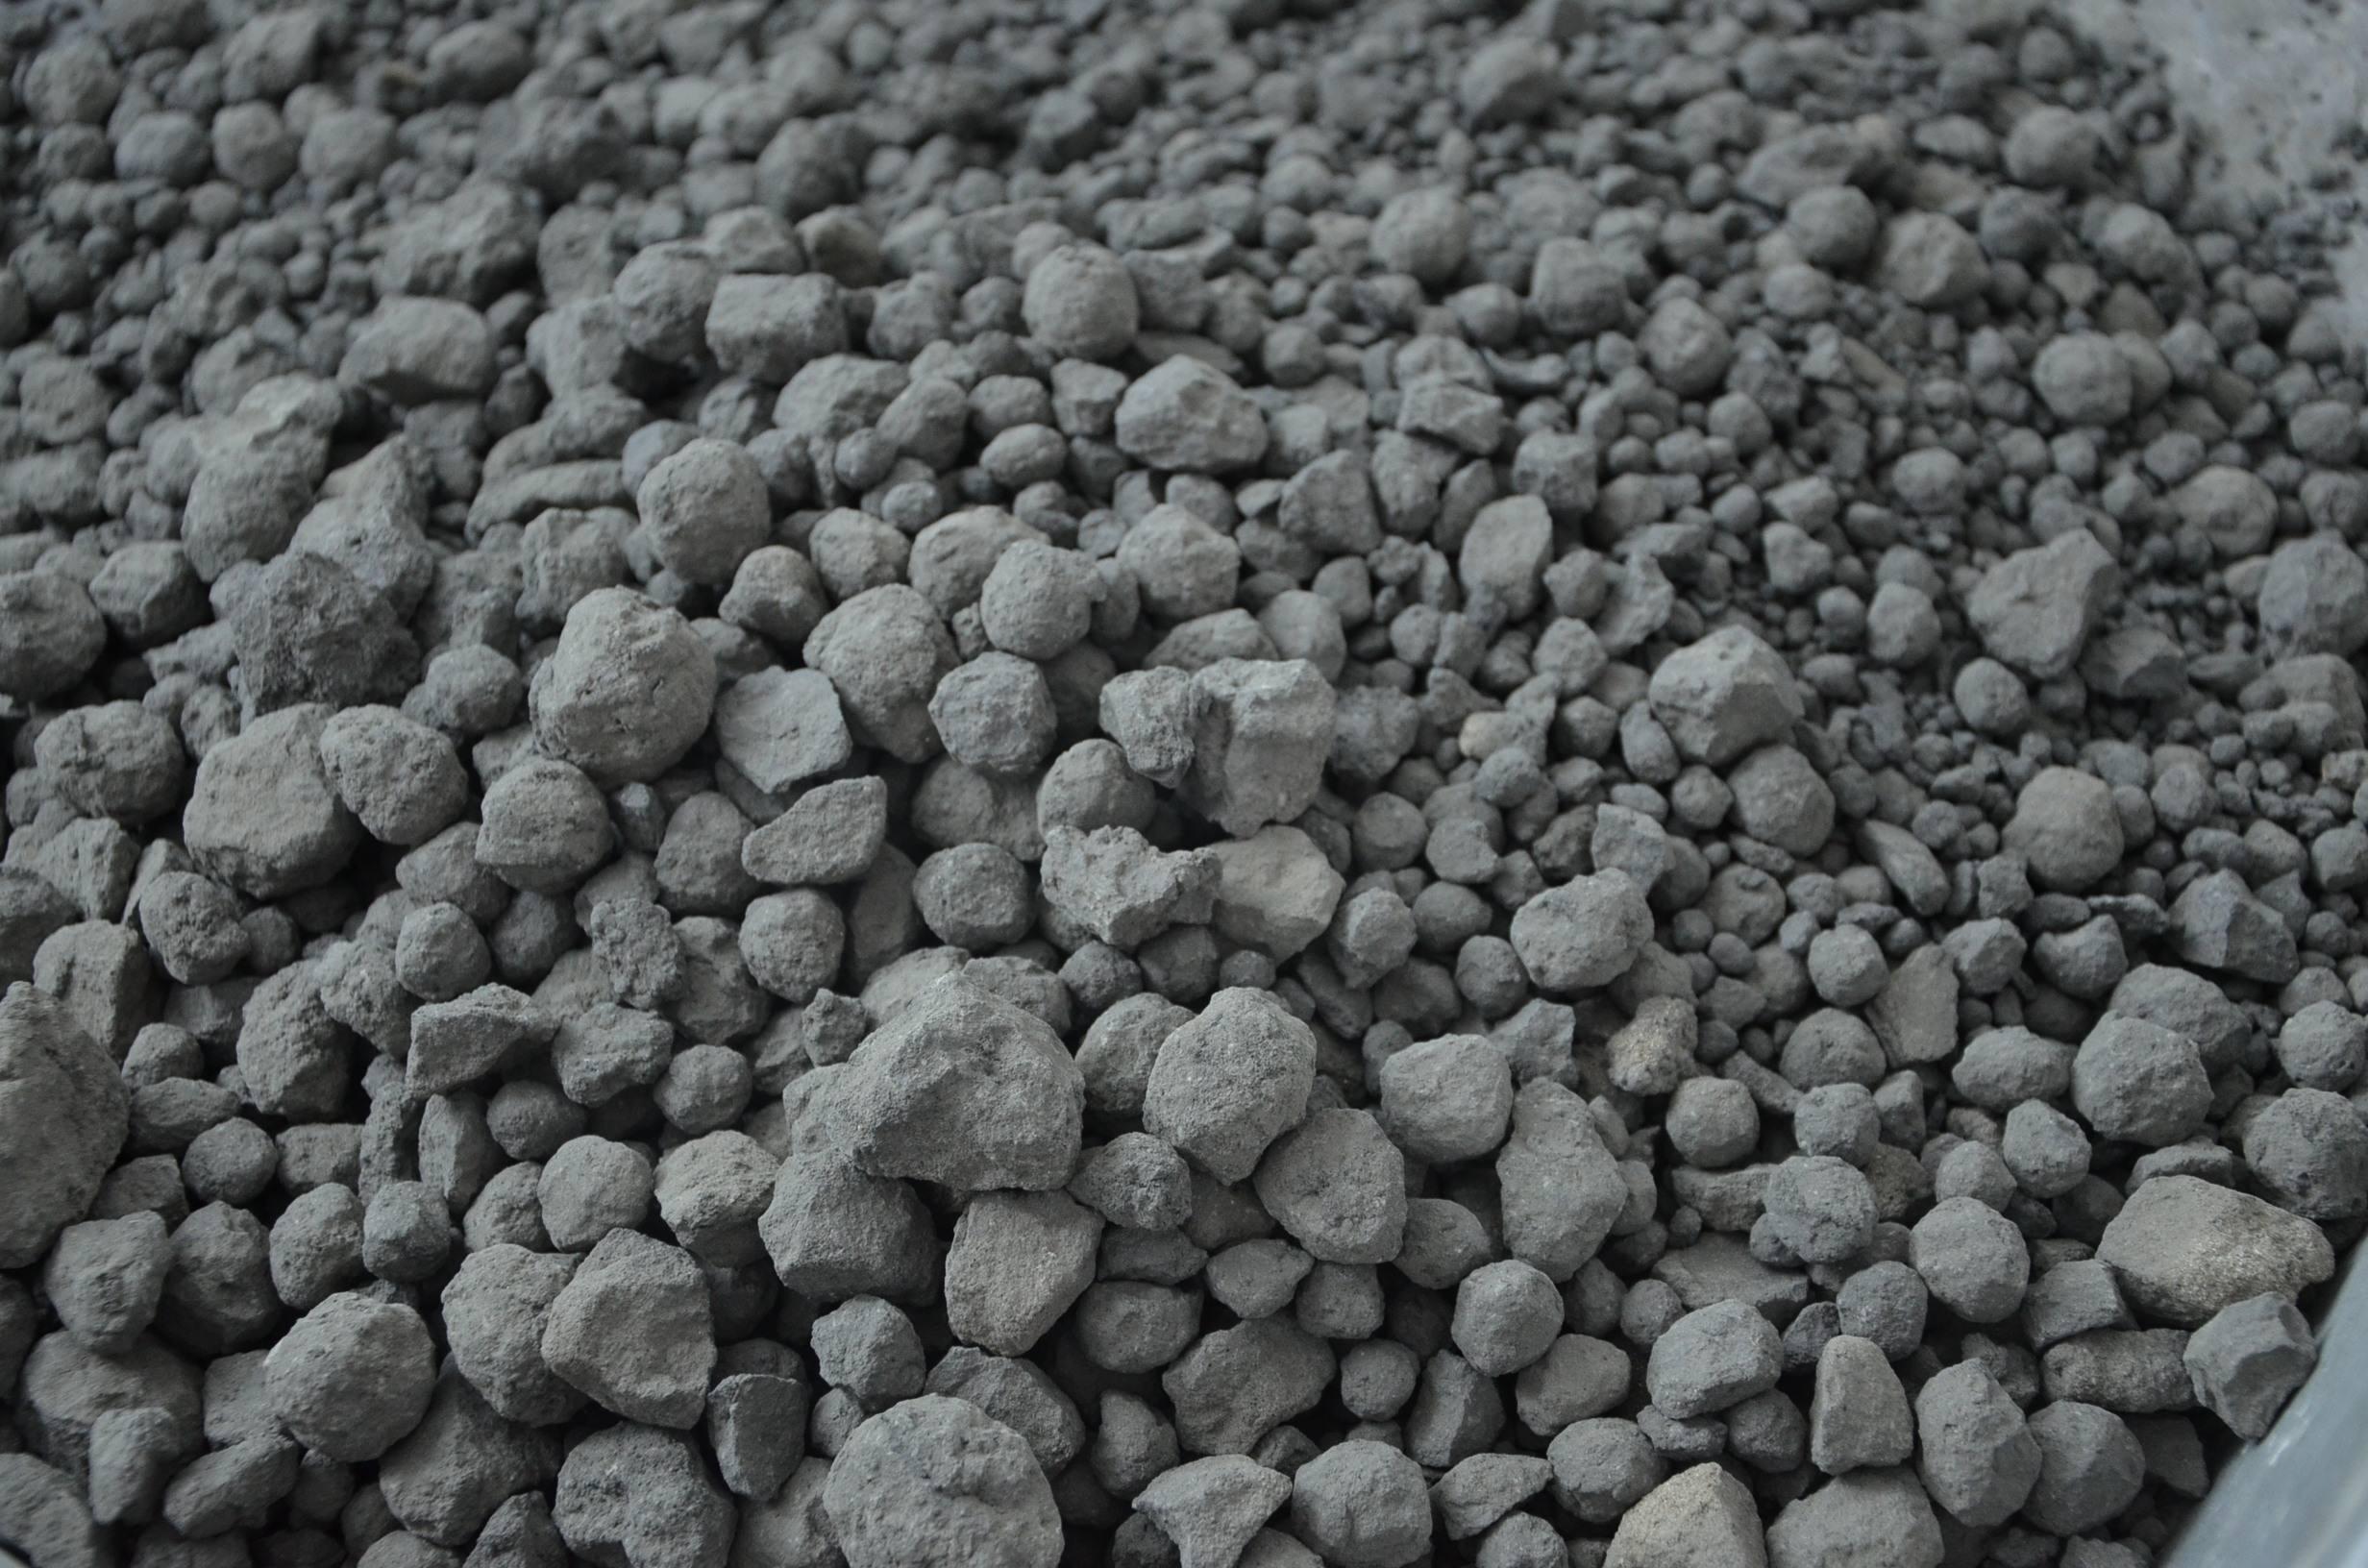 矿渣硅酸盐水泥价格